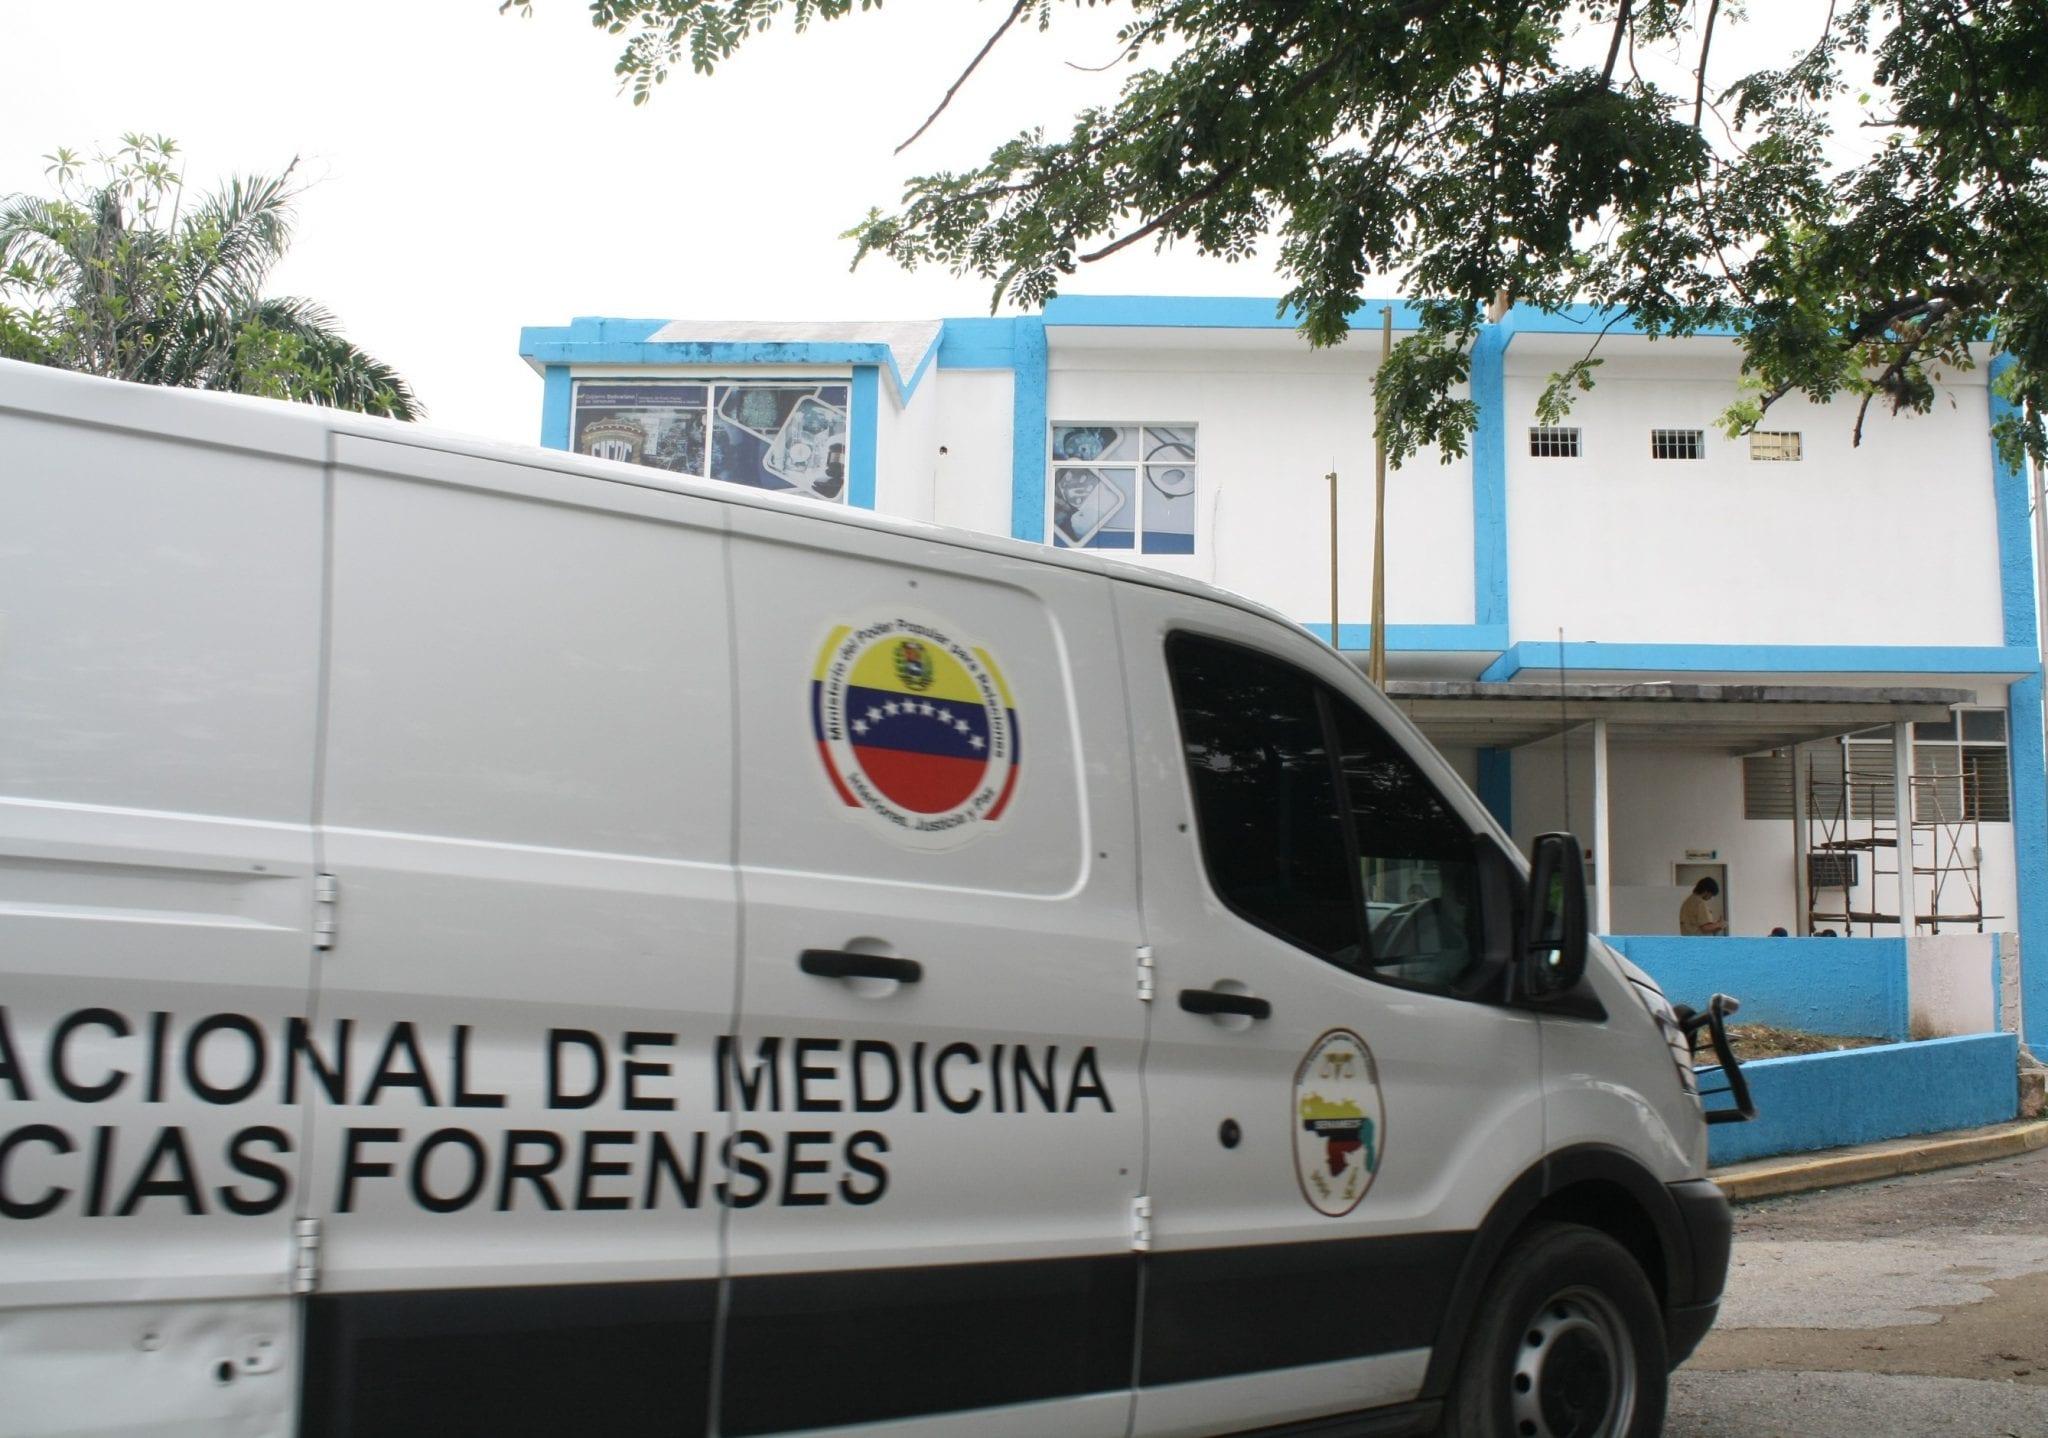 Pelea entre jóvenes en Maracay - Pelea entre jóvenes en Maracay